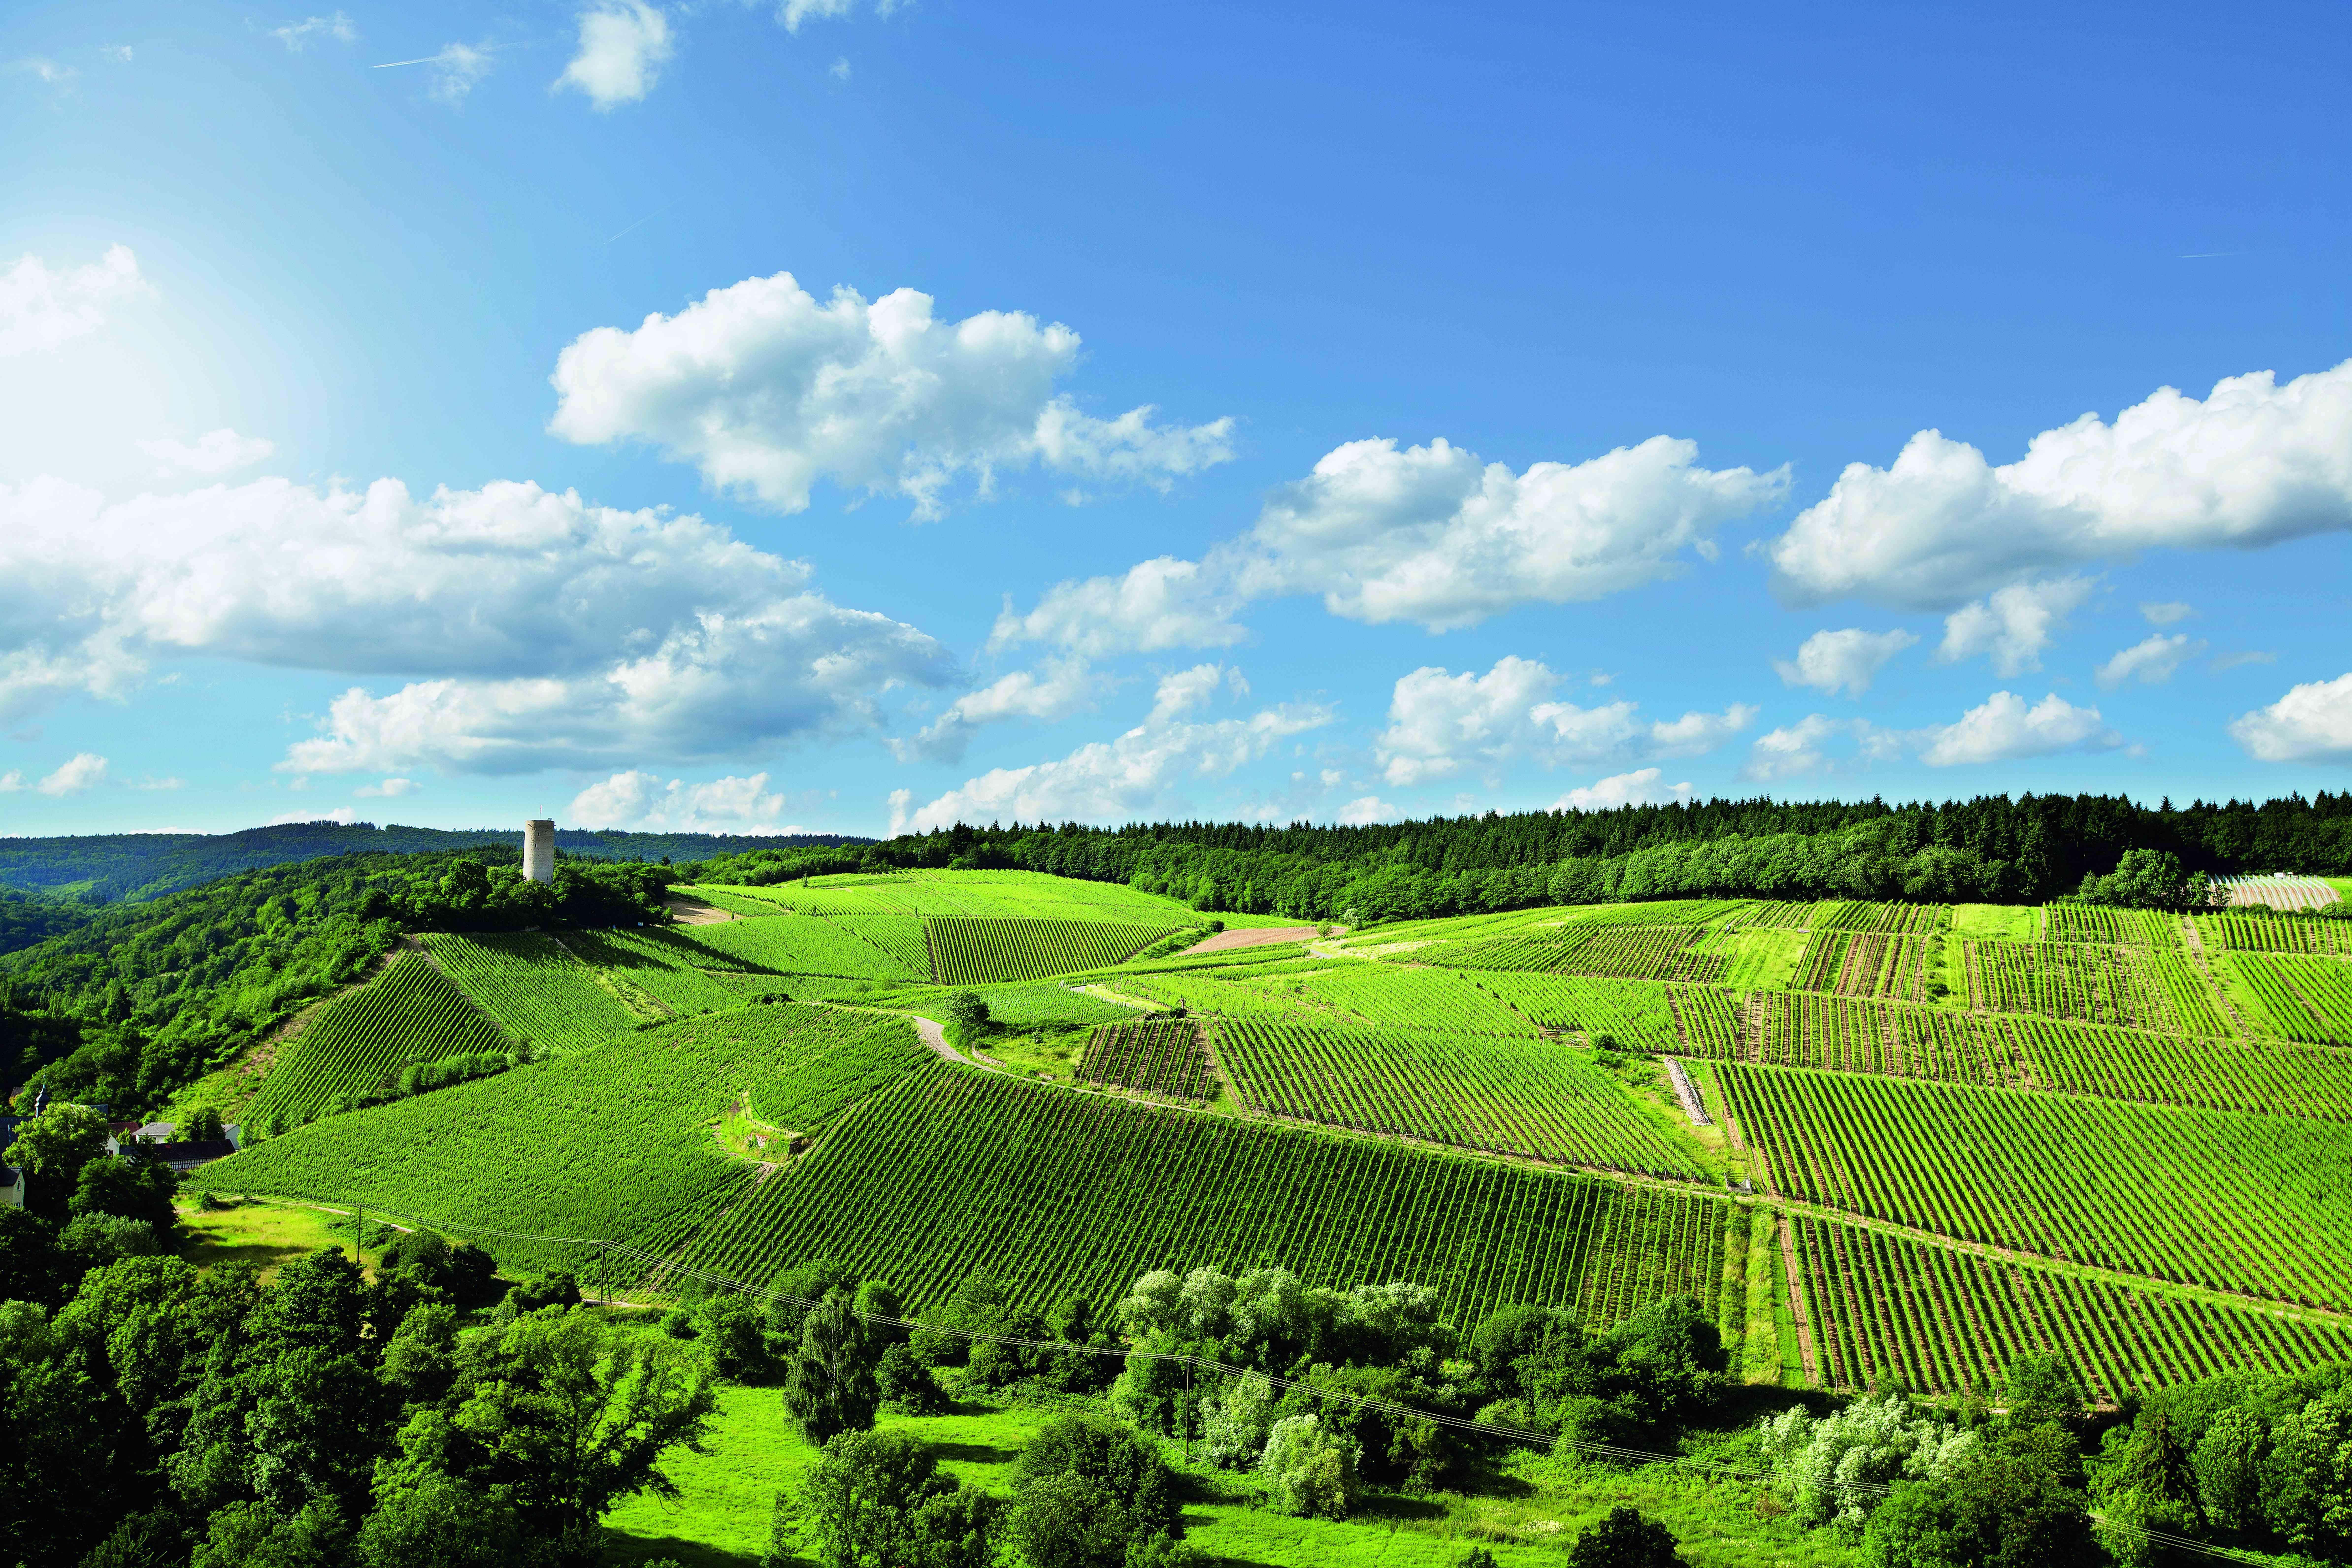 WEIL, Rheingau